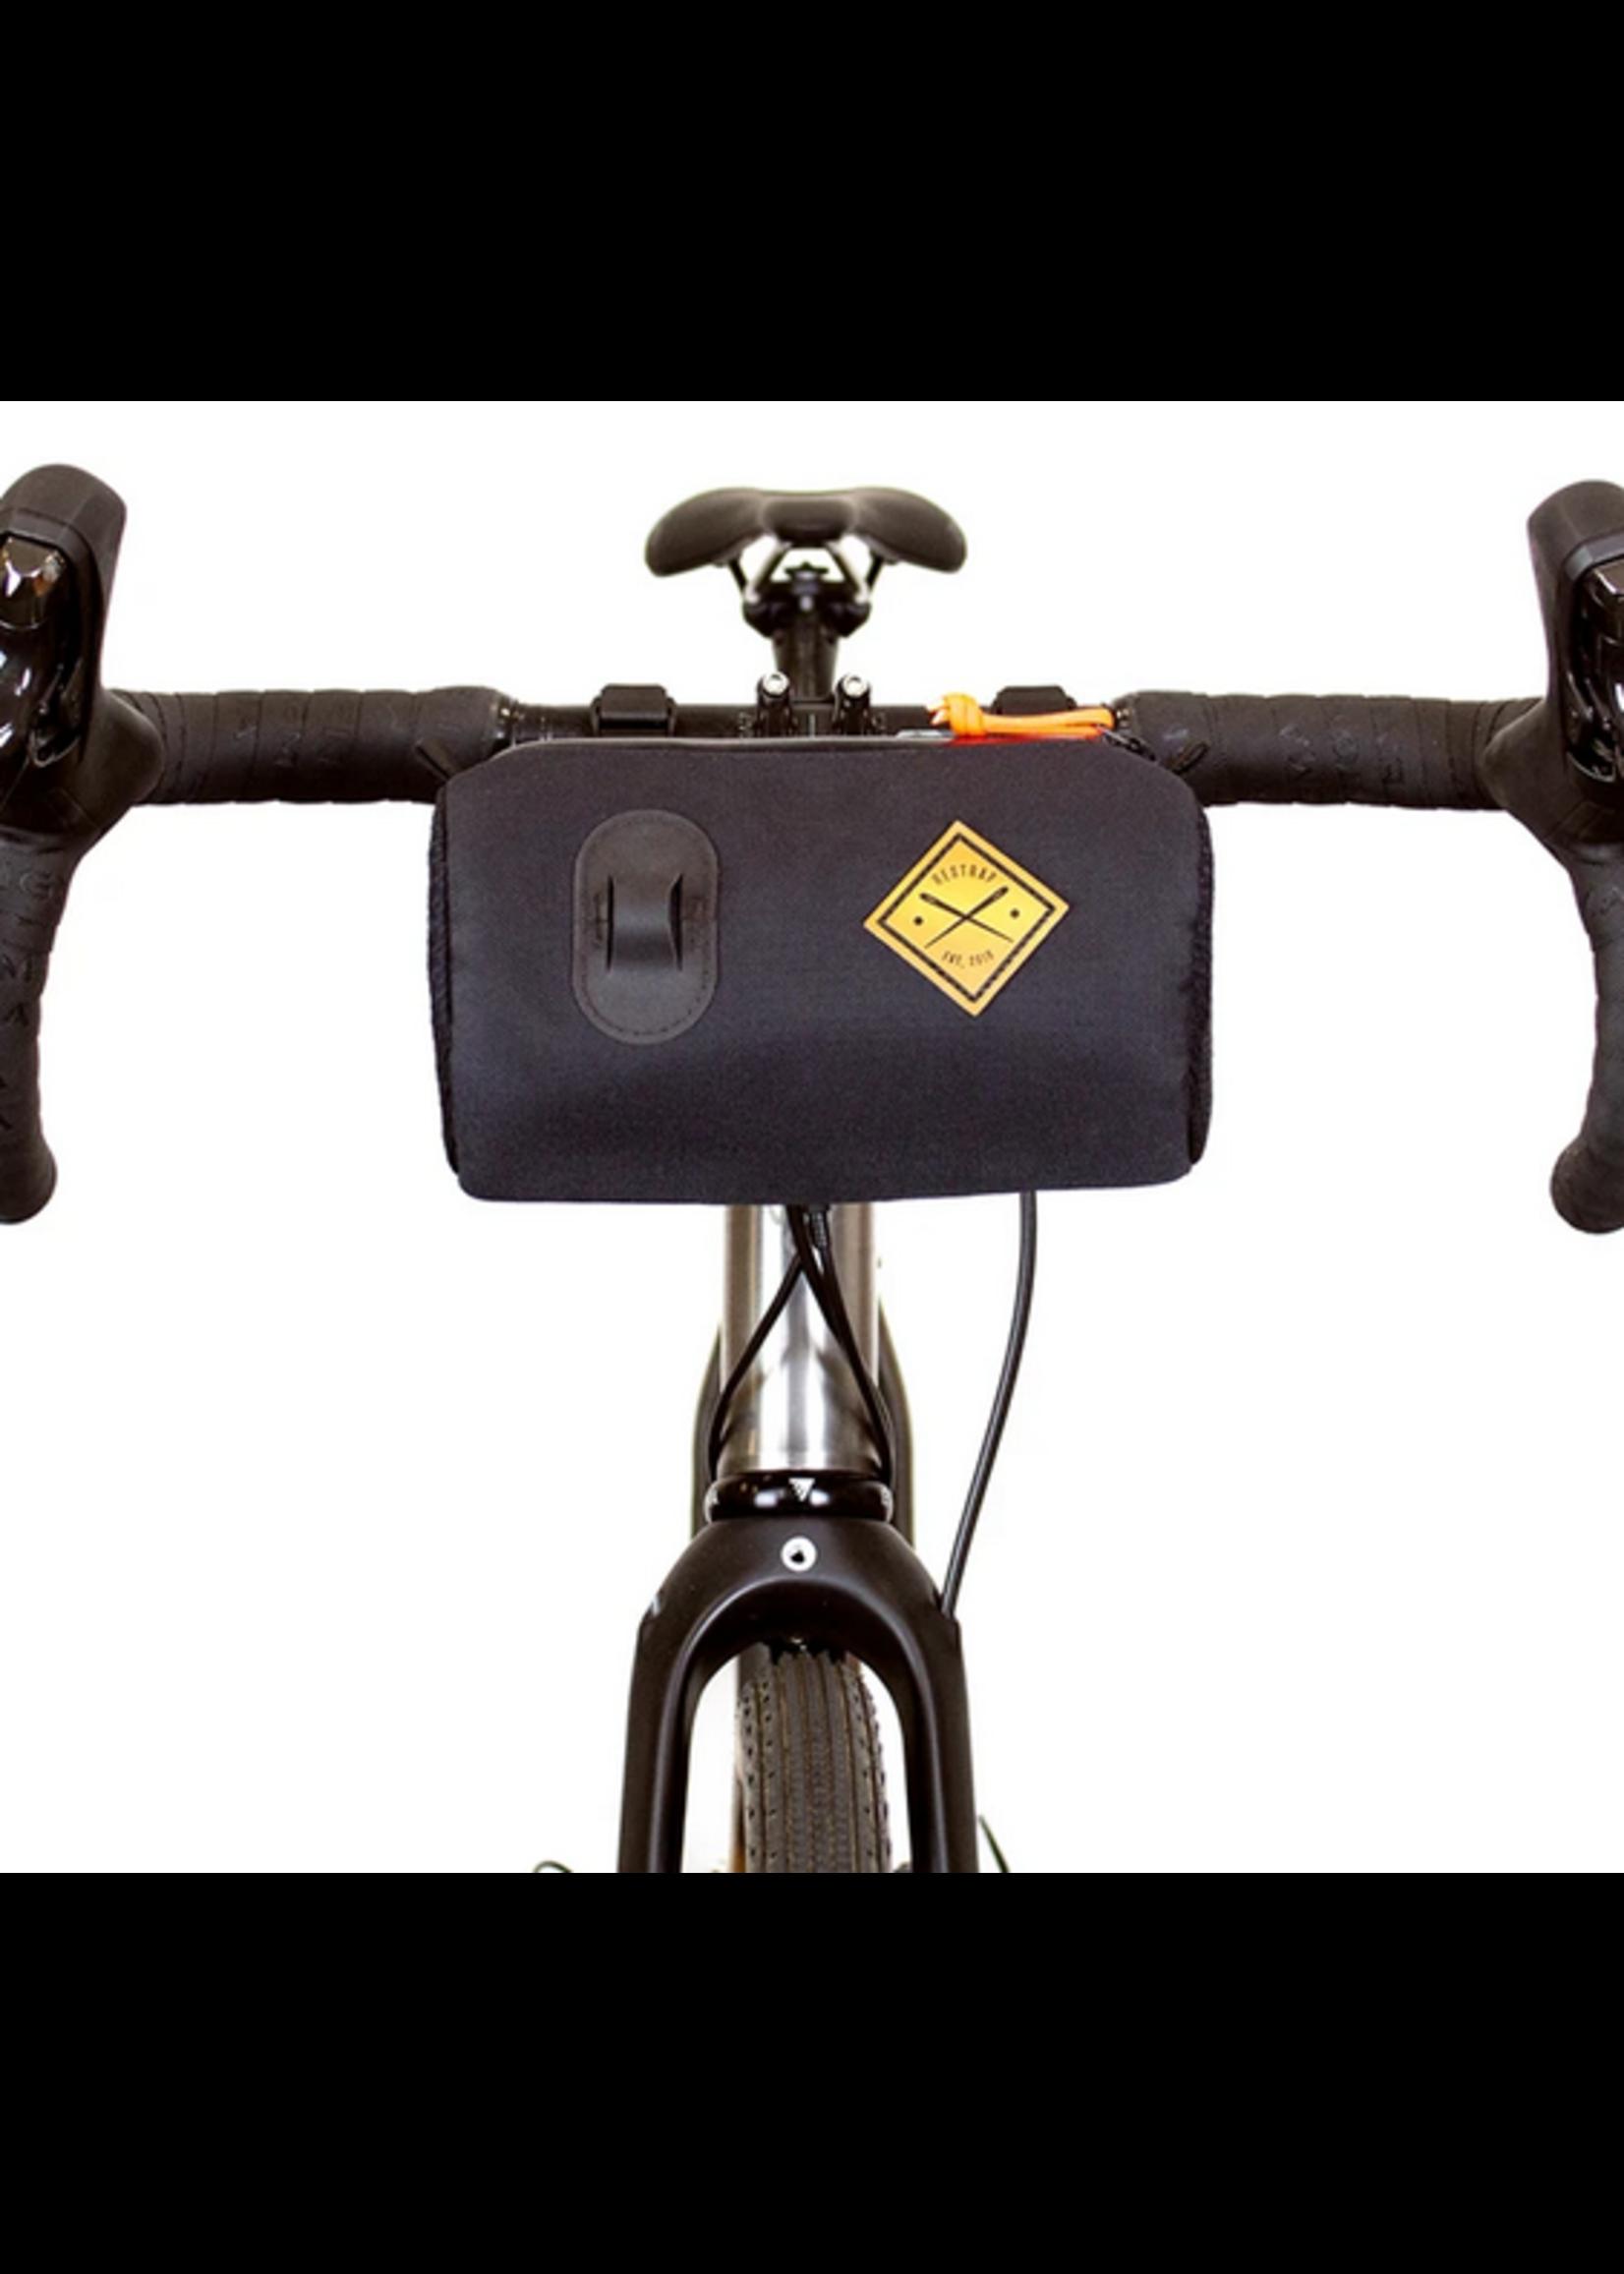 Restrap Restrap Canister Bag, Black, 1.5L